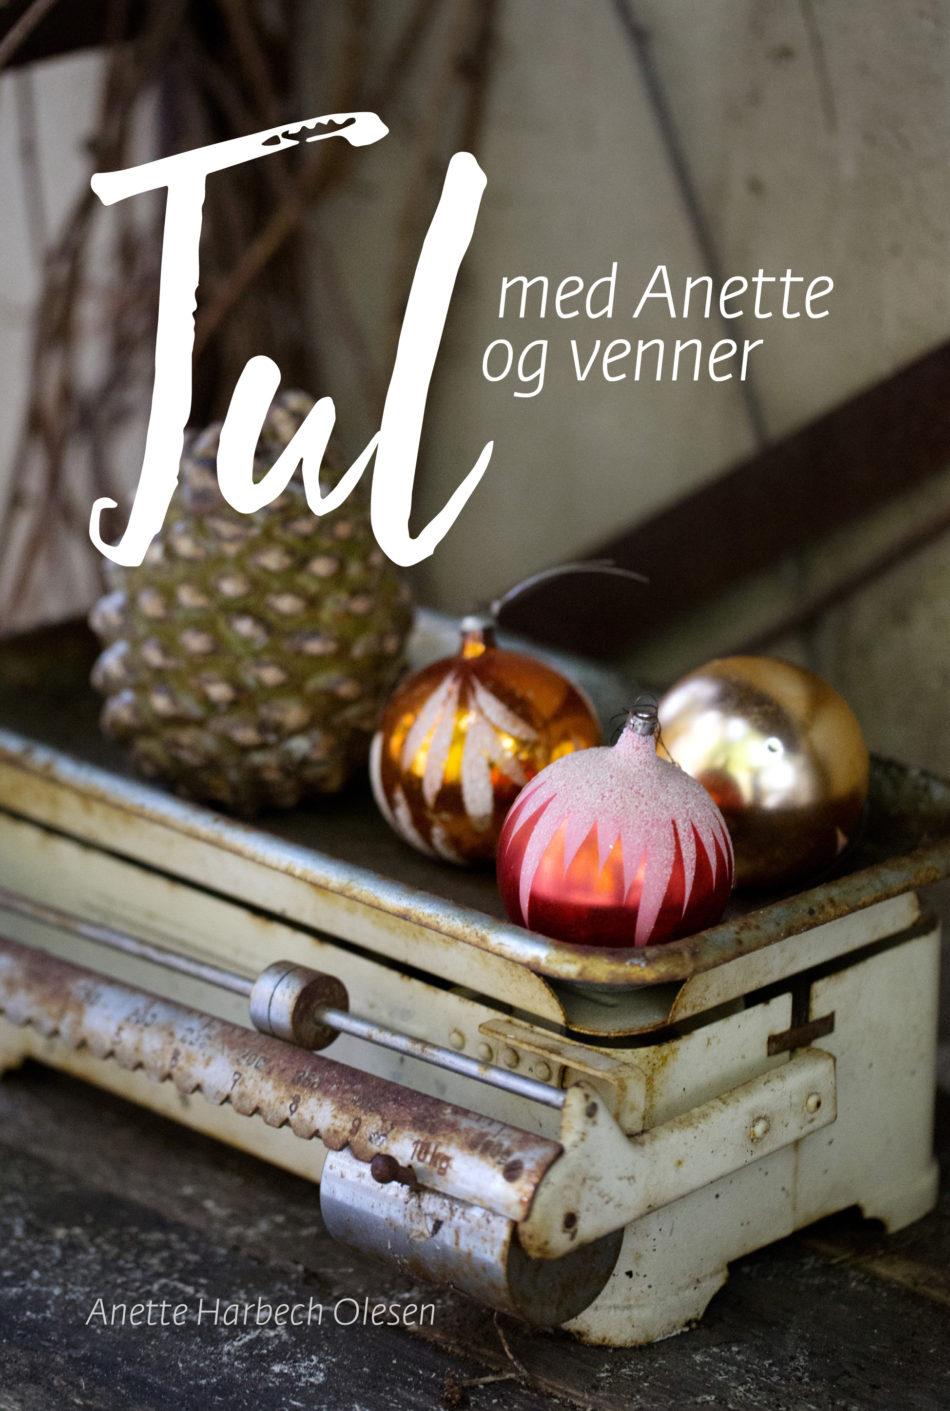 Gratis Jule E-bog til dig fra Anette Harbech Olesen